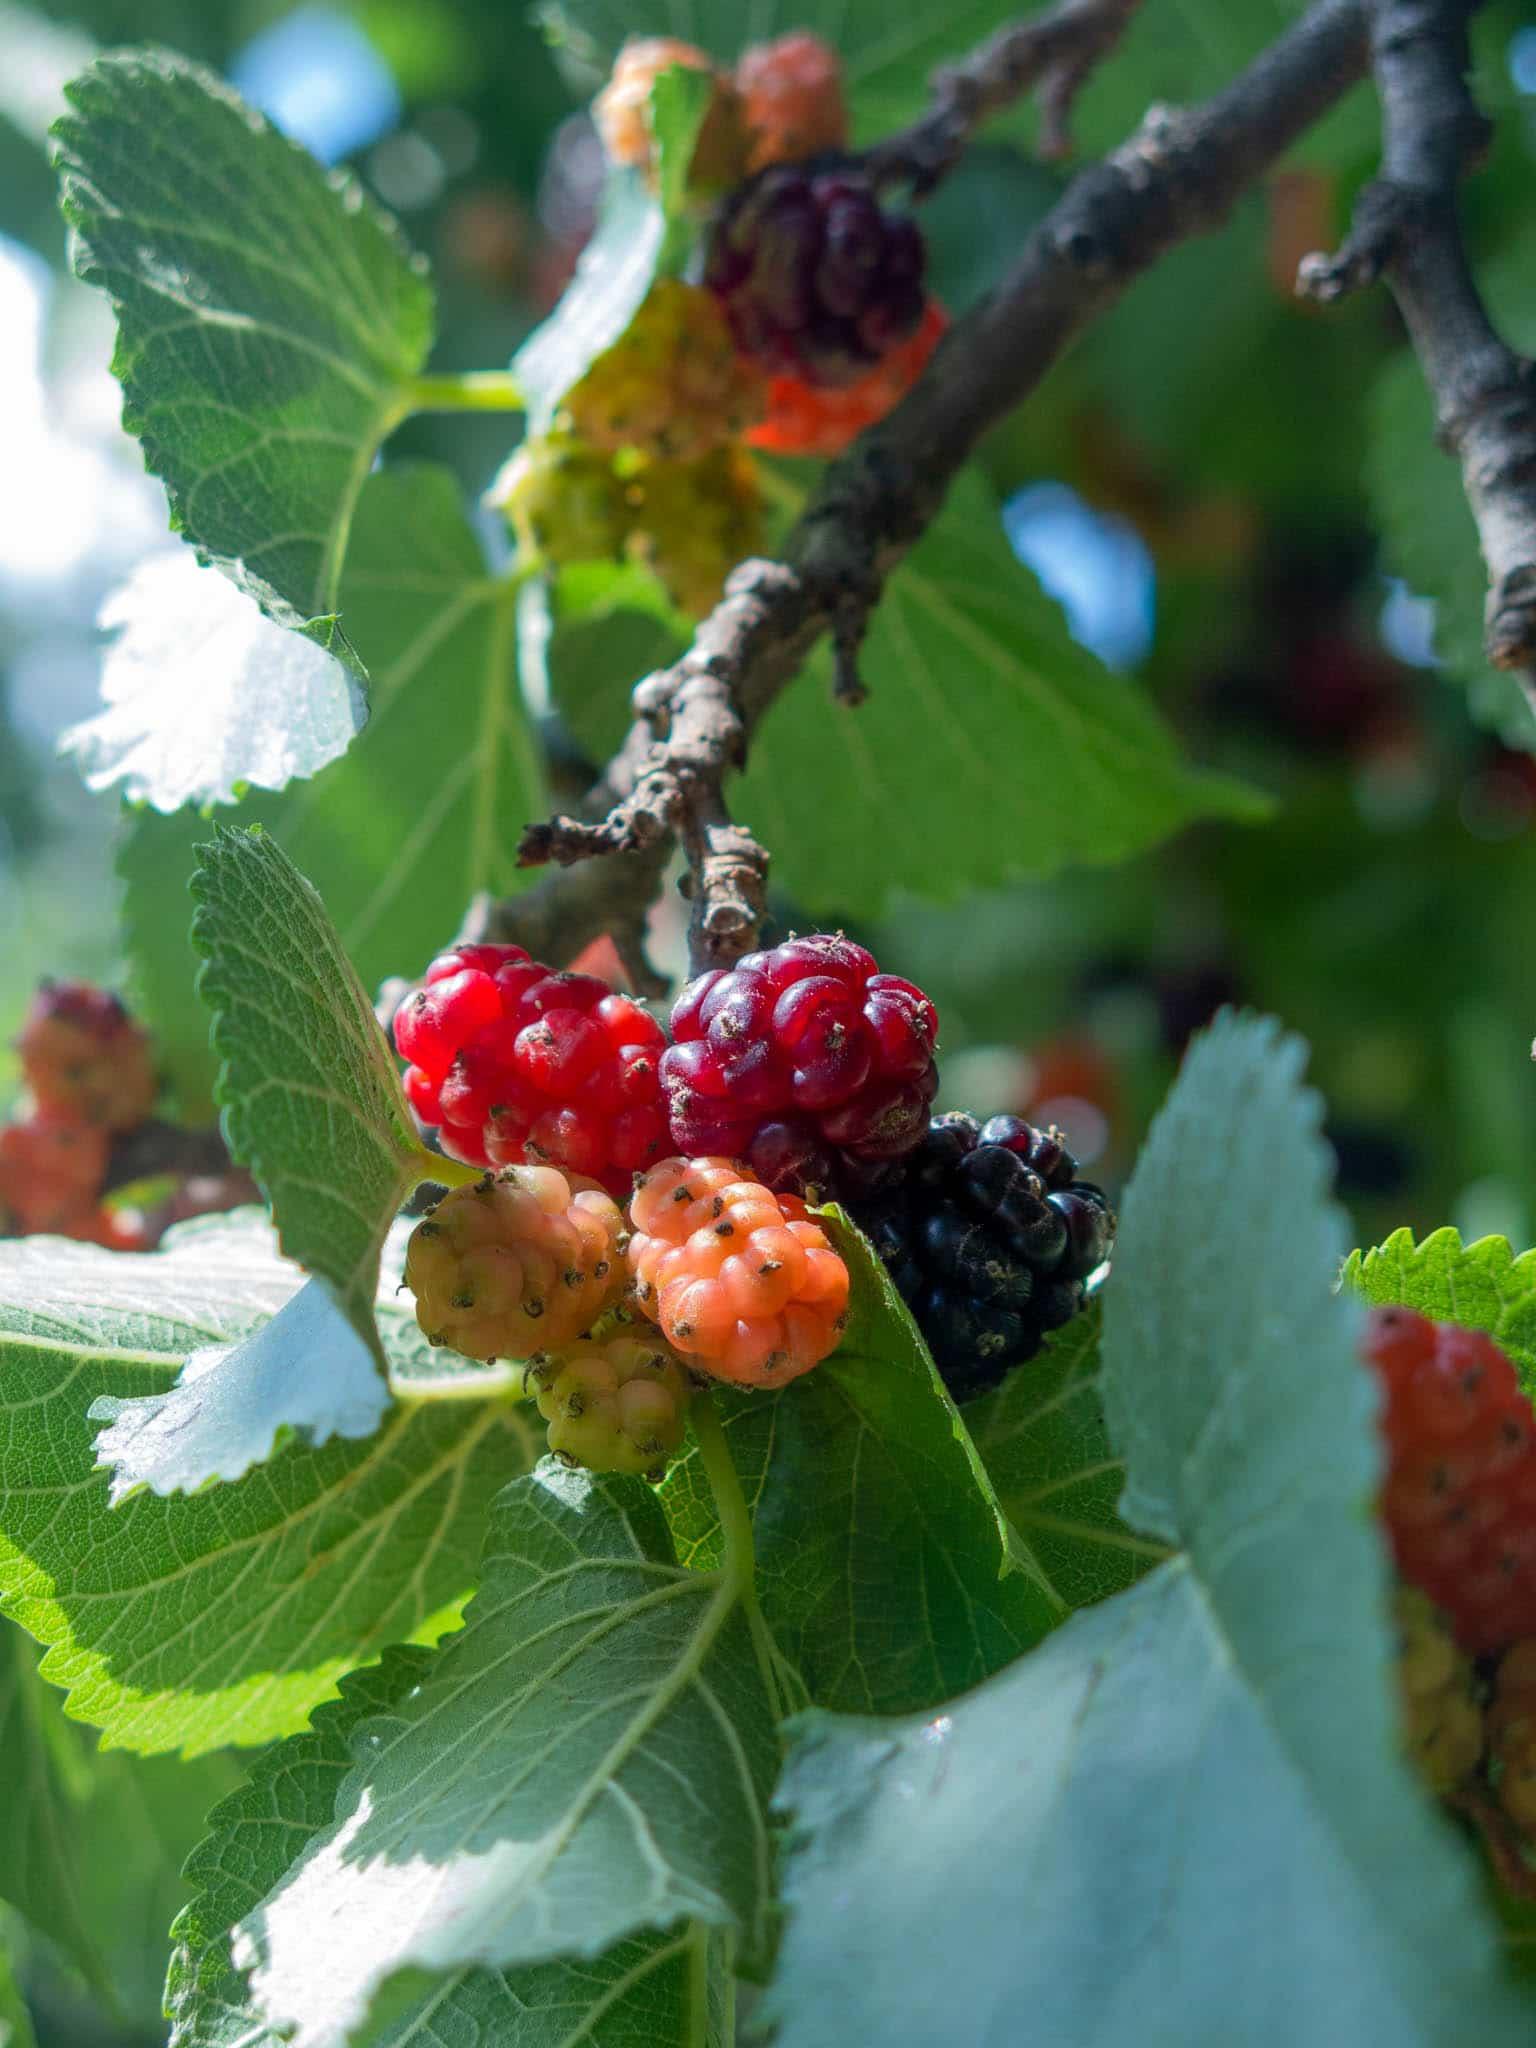 Maulbeeren am Zweig